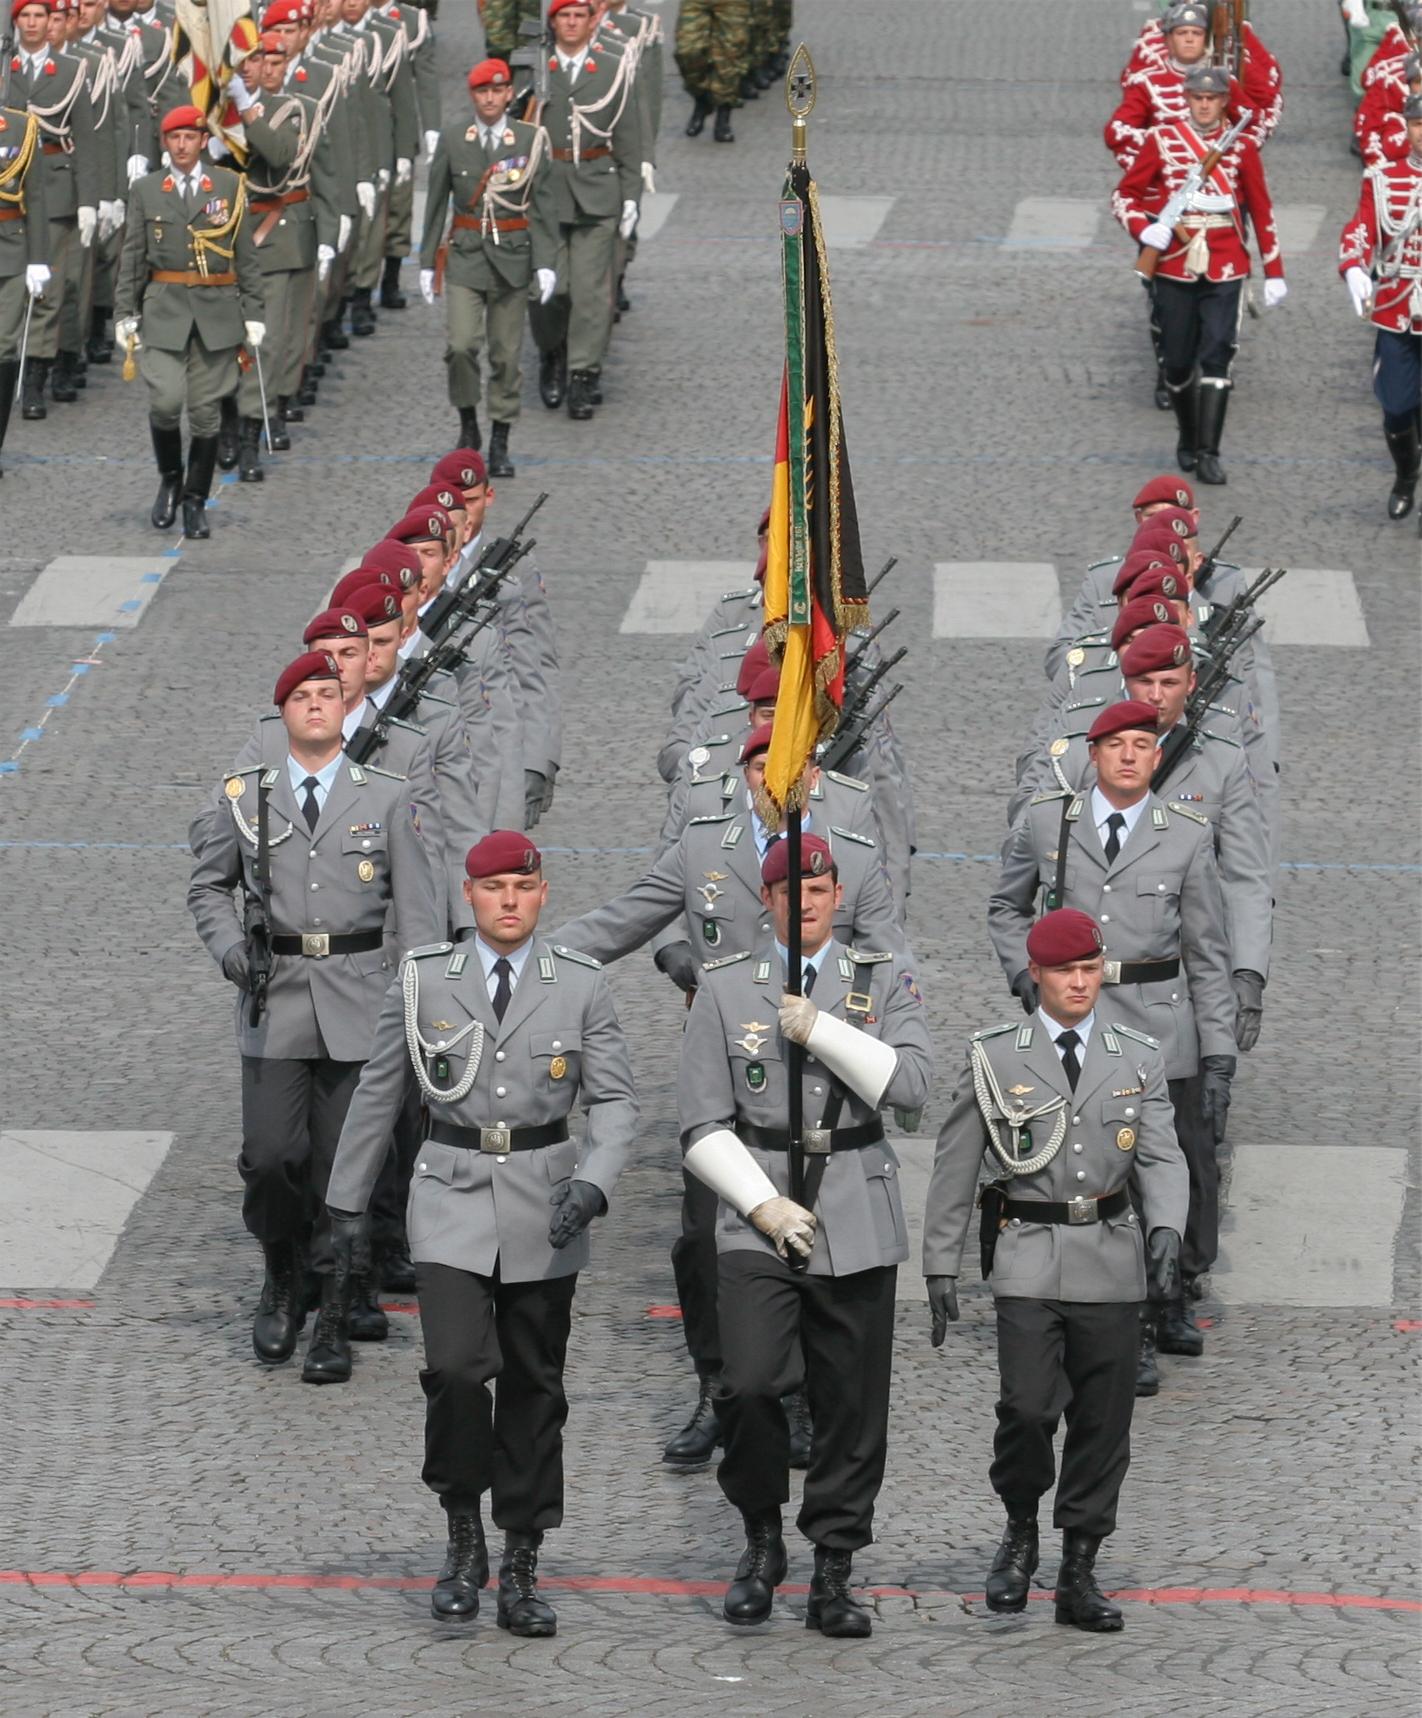 14_juillet_-_26e_brigade_a%C3%A9roport%C3%A9e_allemande.jpg